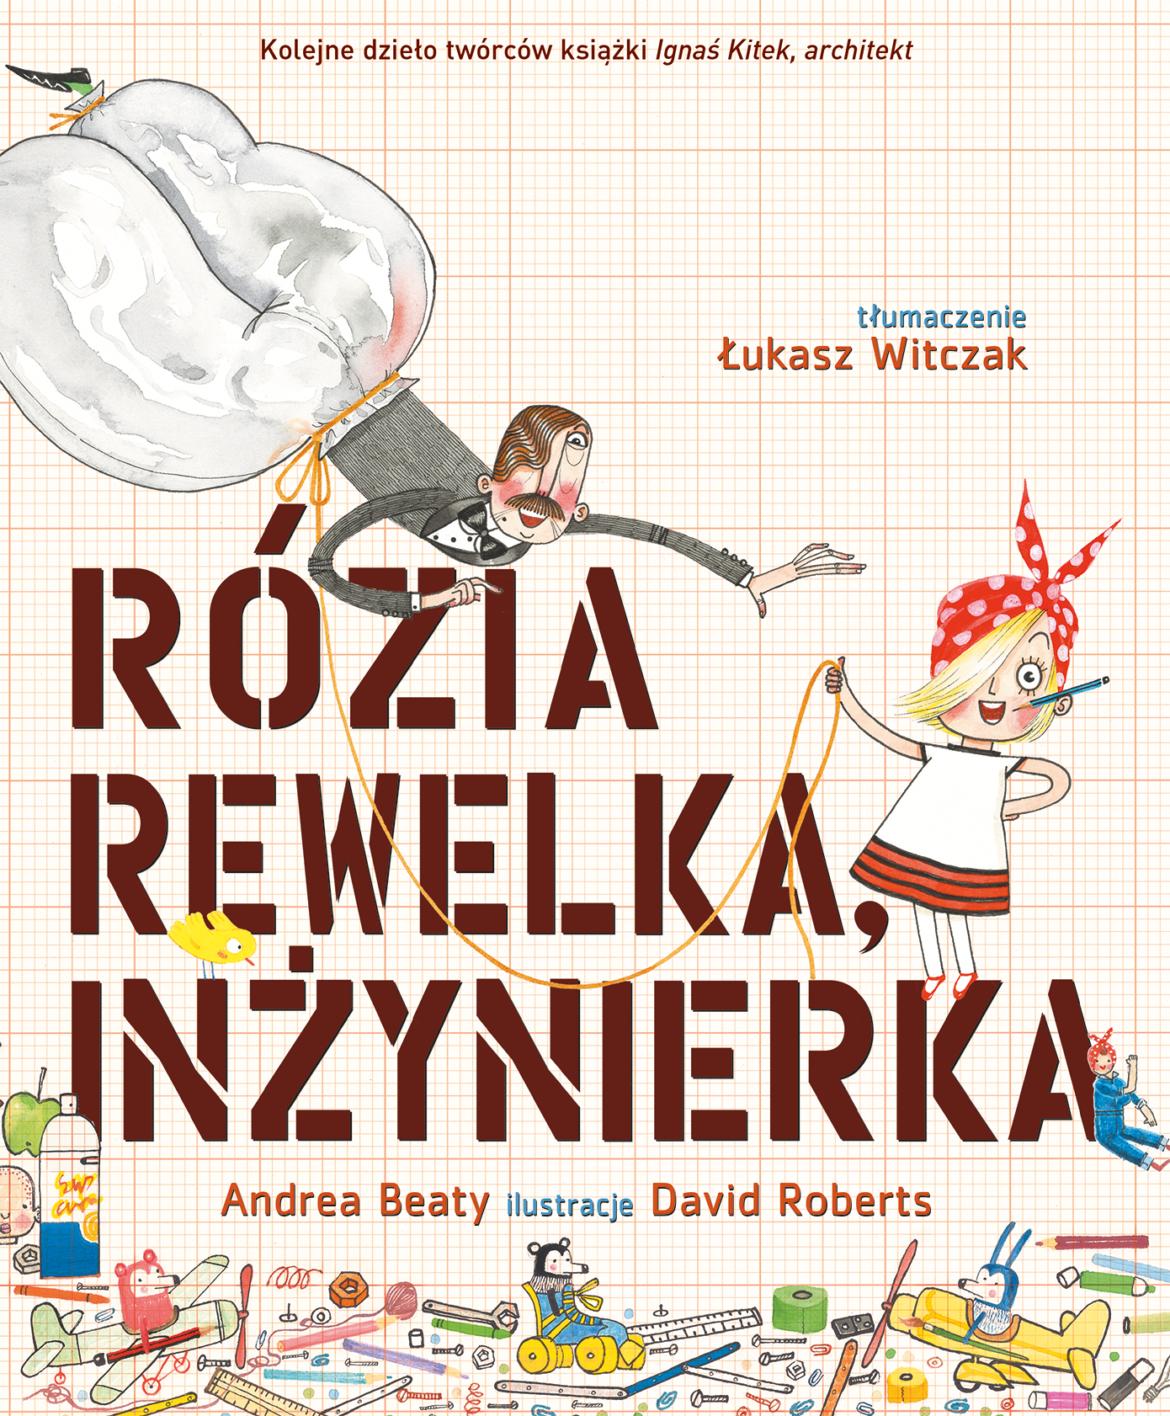 Rozia_Rewelka_inzynierka_okladka_ksiazki.png